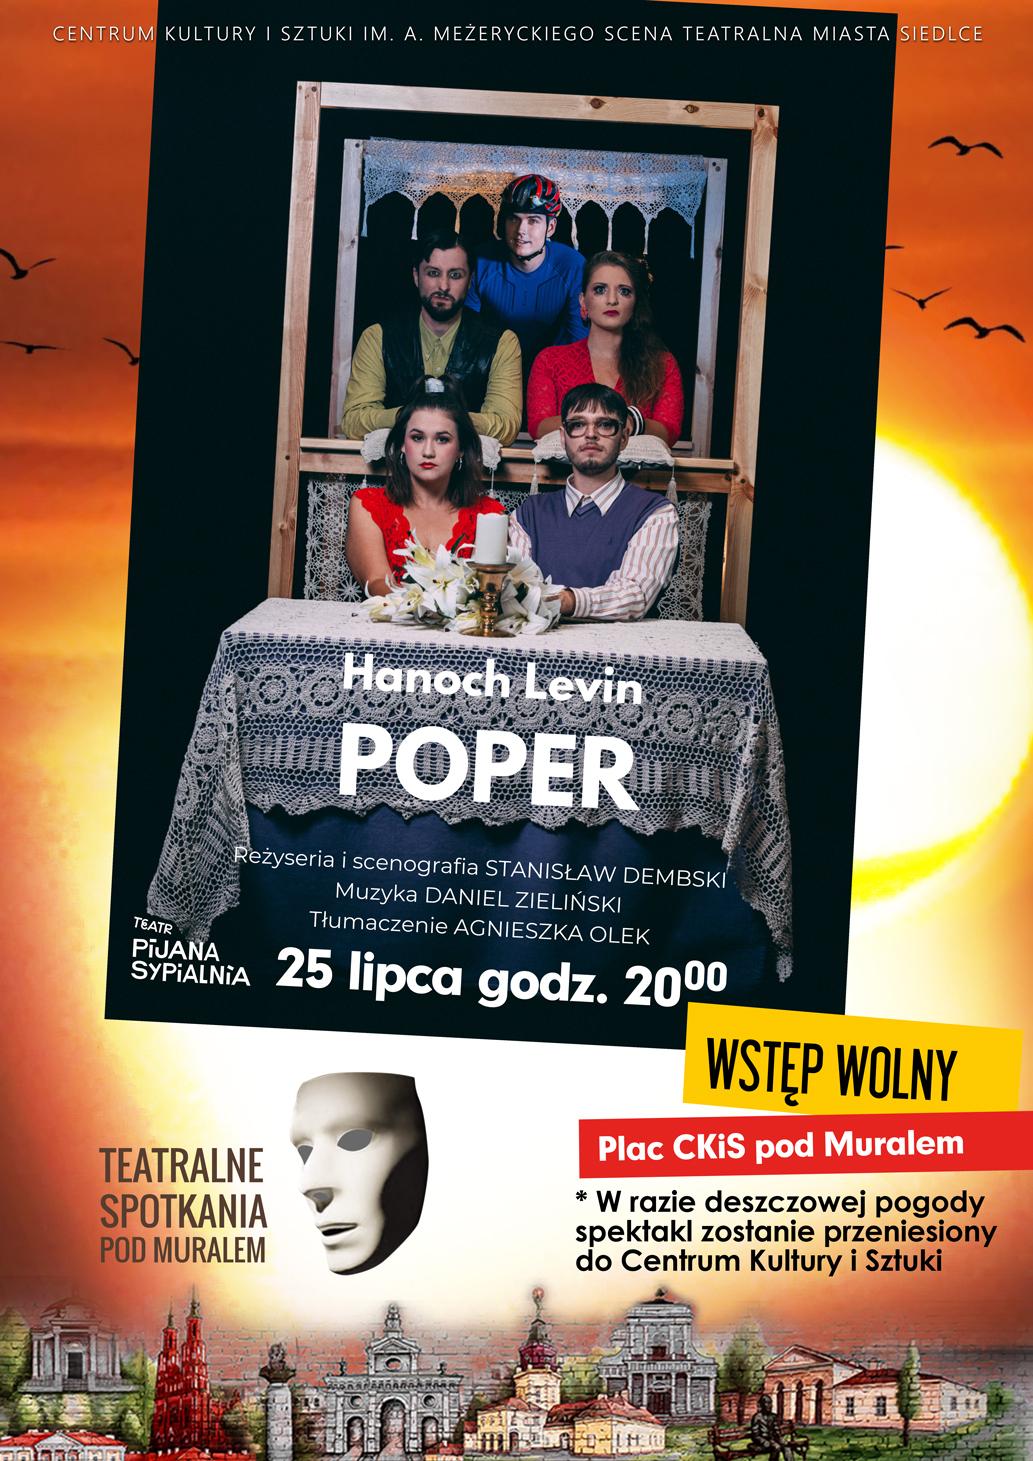 """Spektakl """"Poper"""" na scenie Teatralnych Spotkań pod muralem - Zdjęcie główne"""